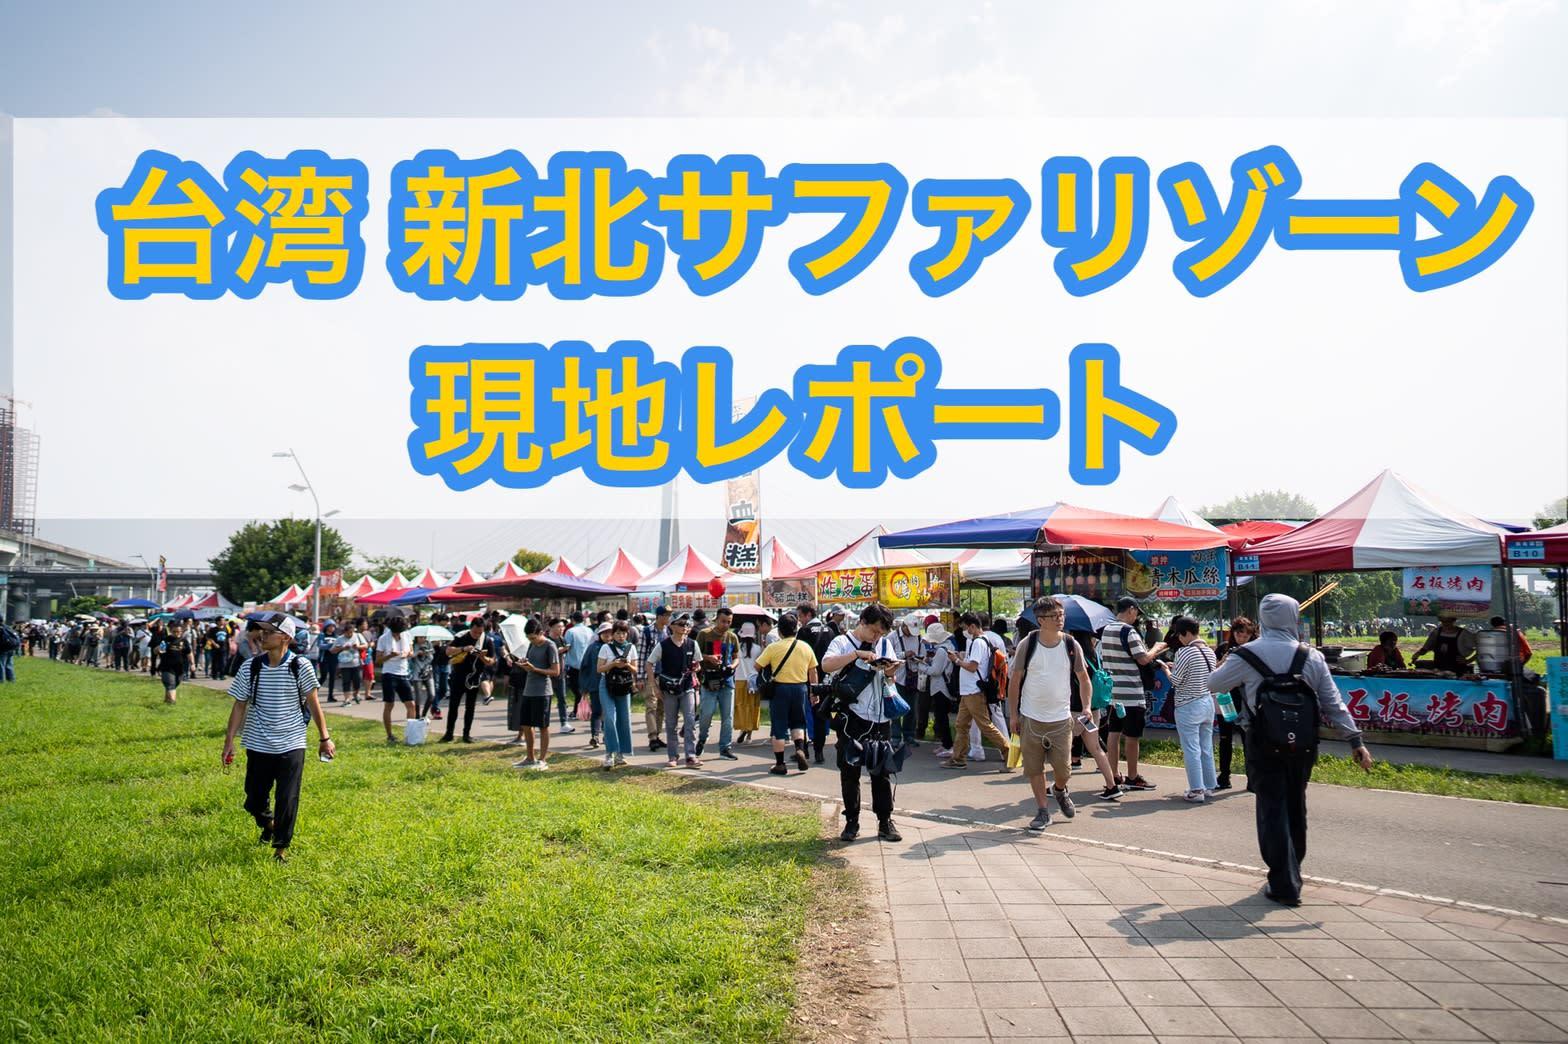 ポケモン go 台湾 イベント